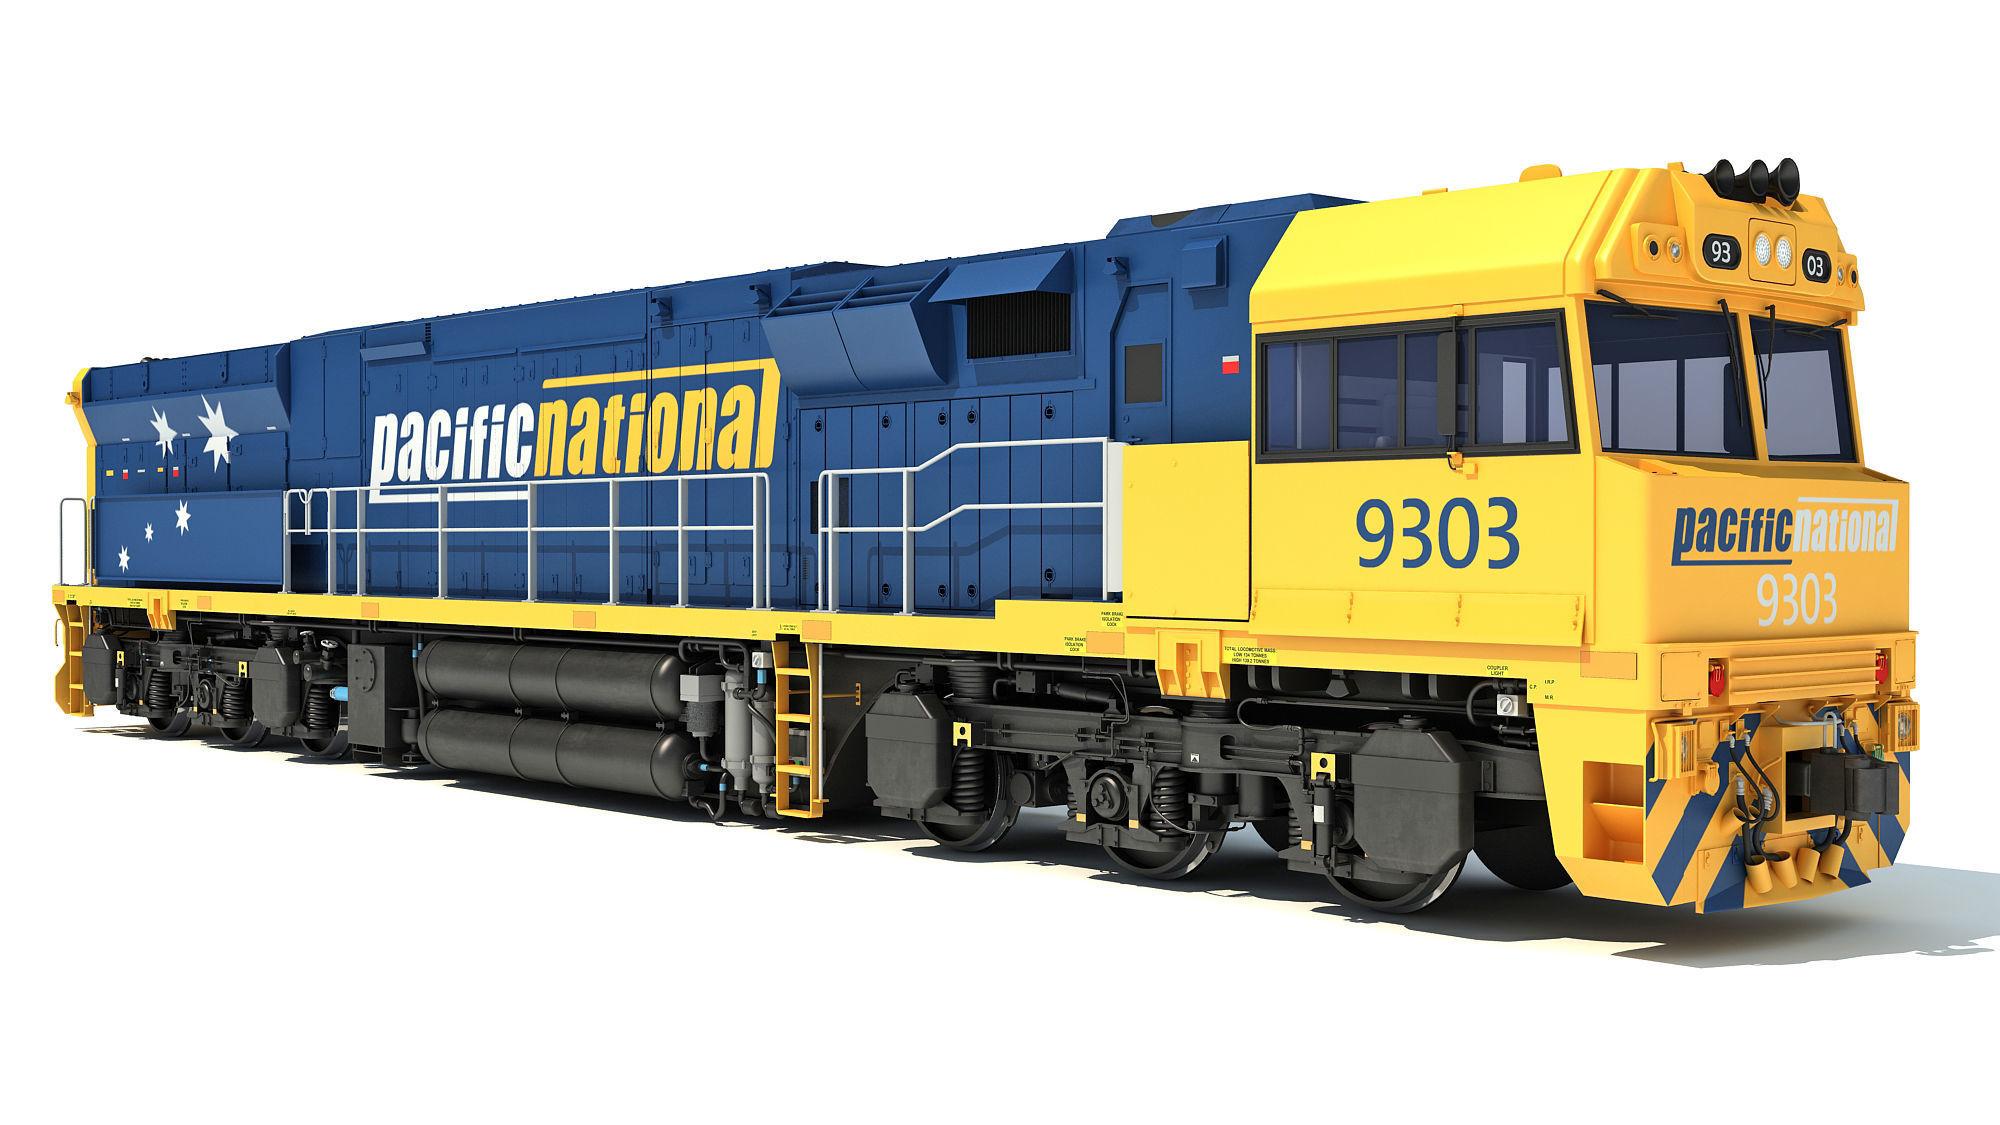 Electric Locomotive C44aci